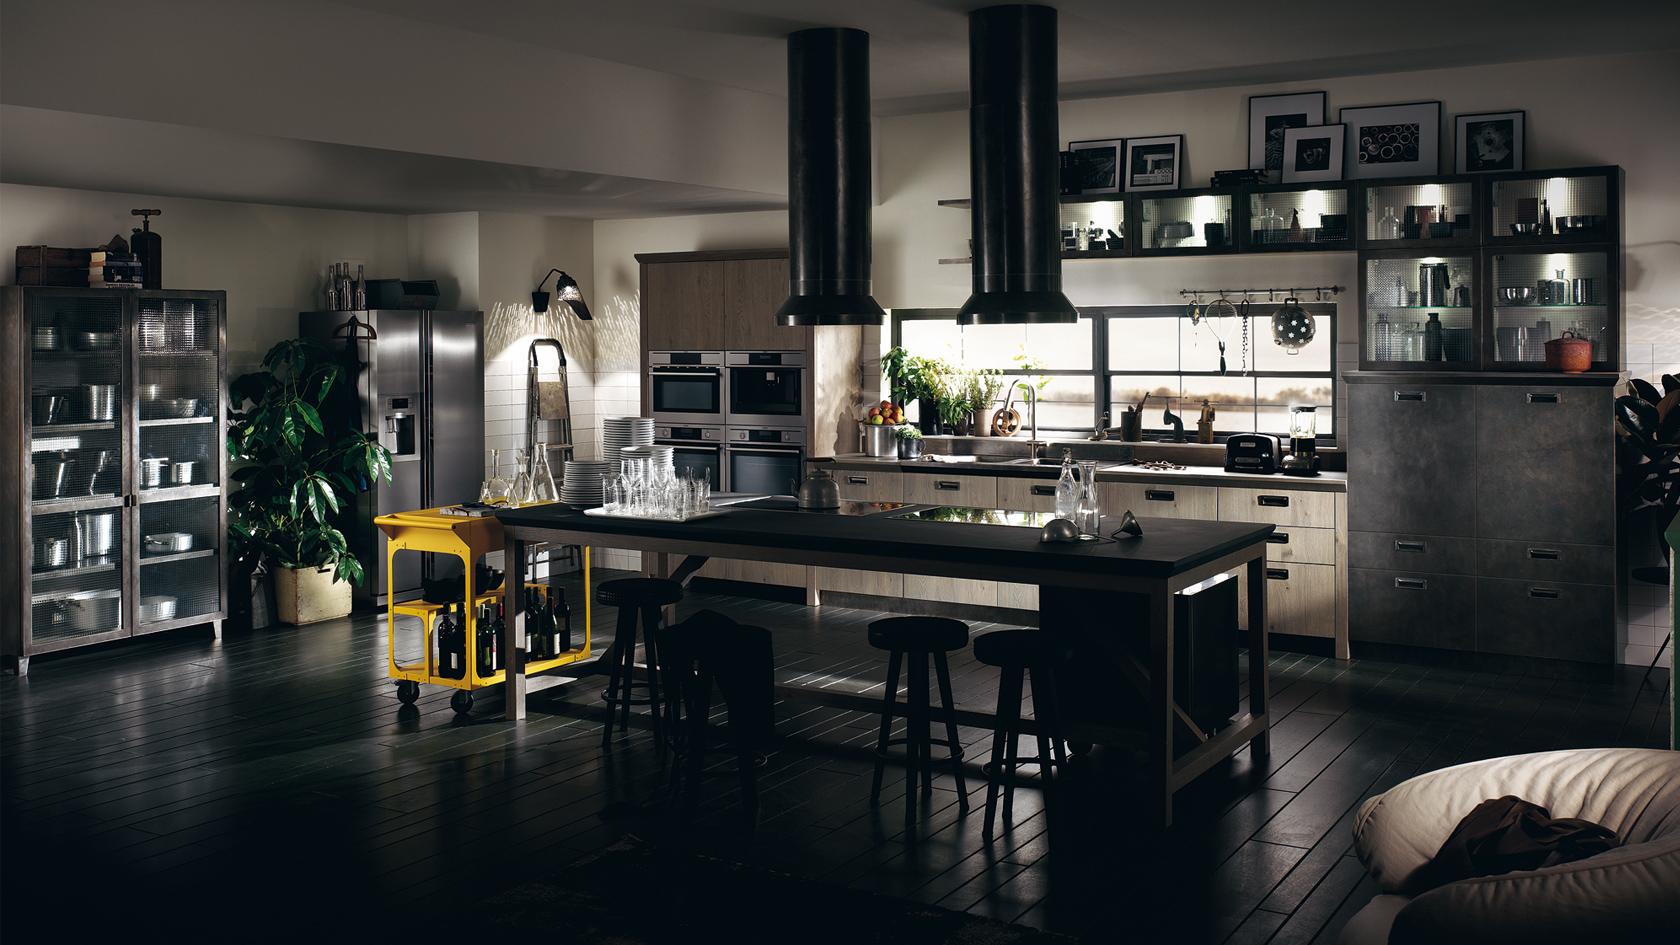 Diesel scavolini social kitchen catalogo cucine 2014 - Cucine moderne scavolini catalogo ...